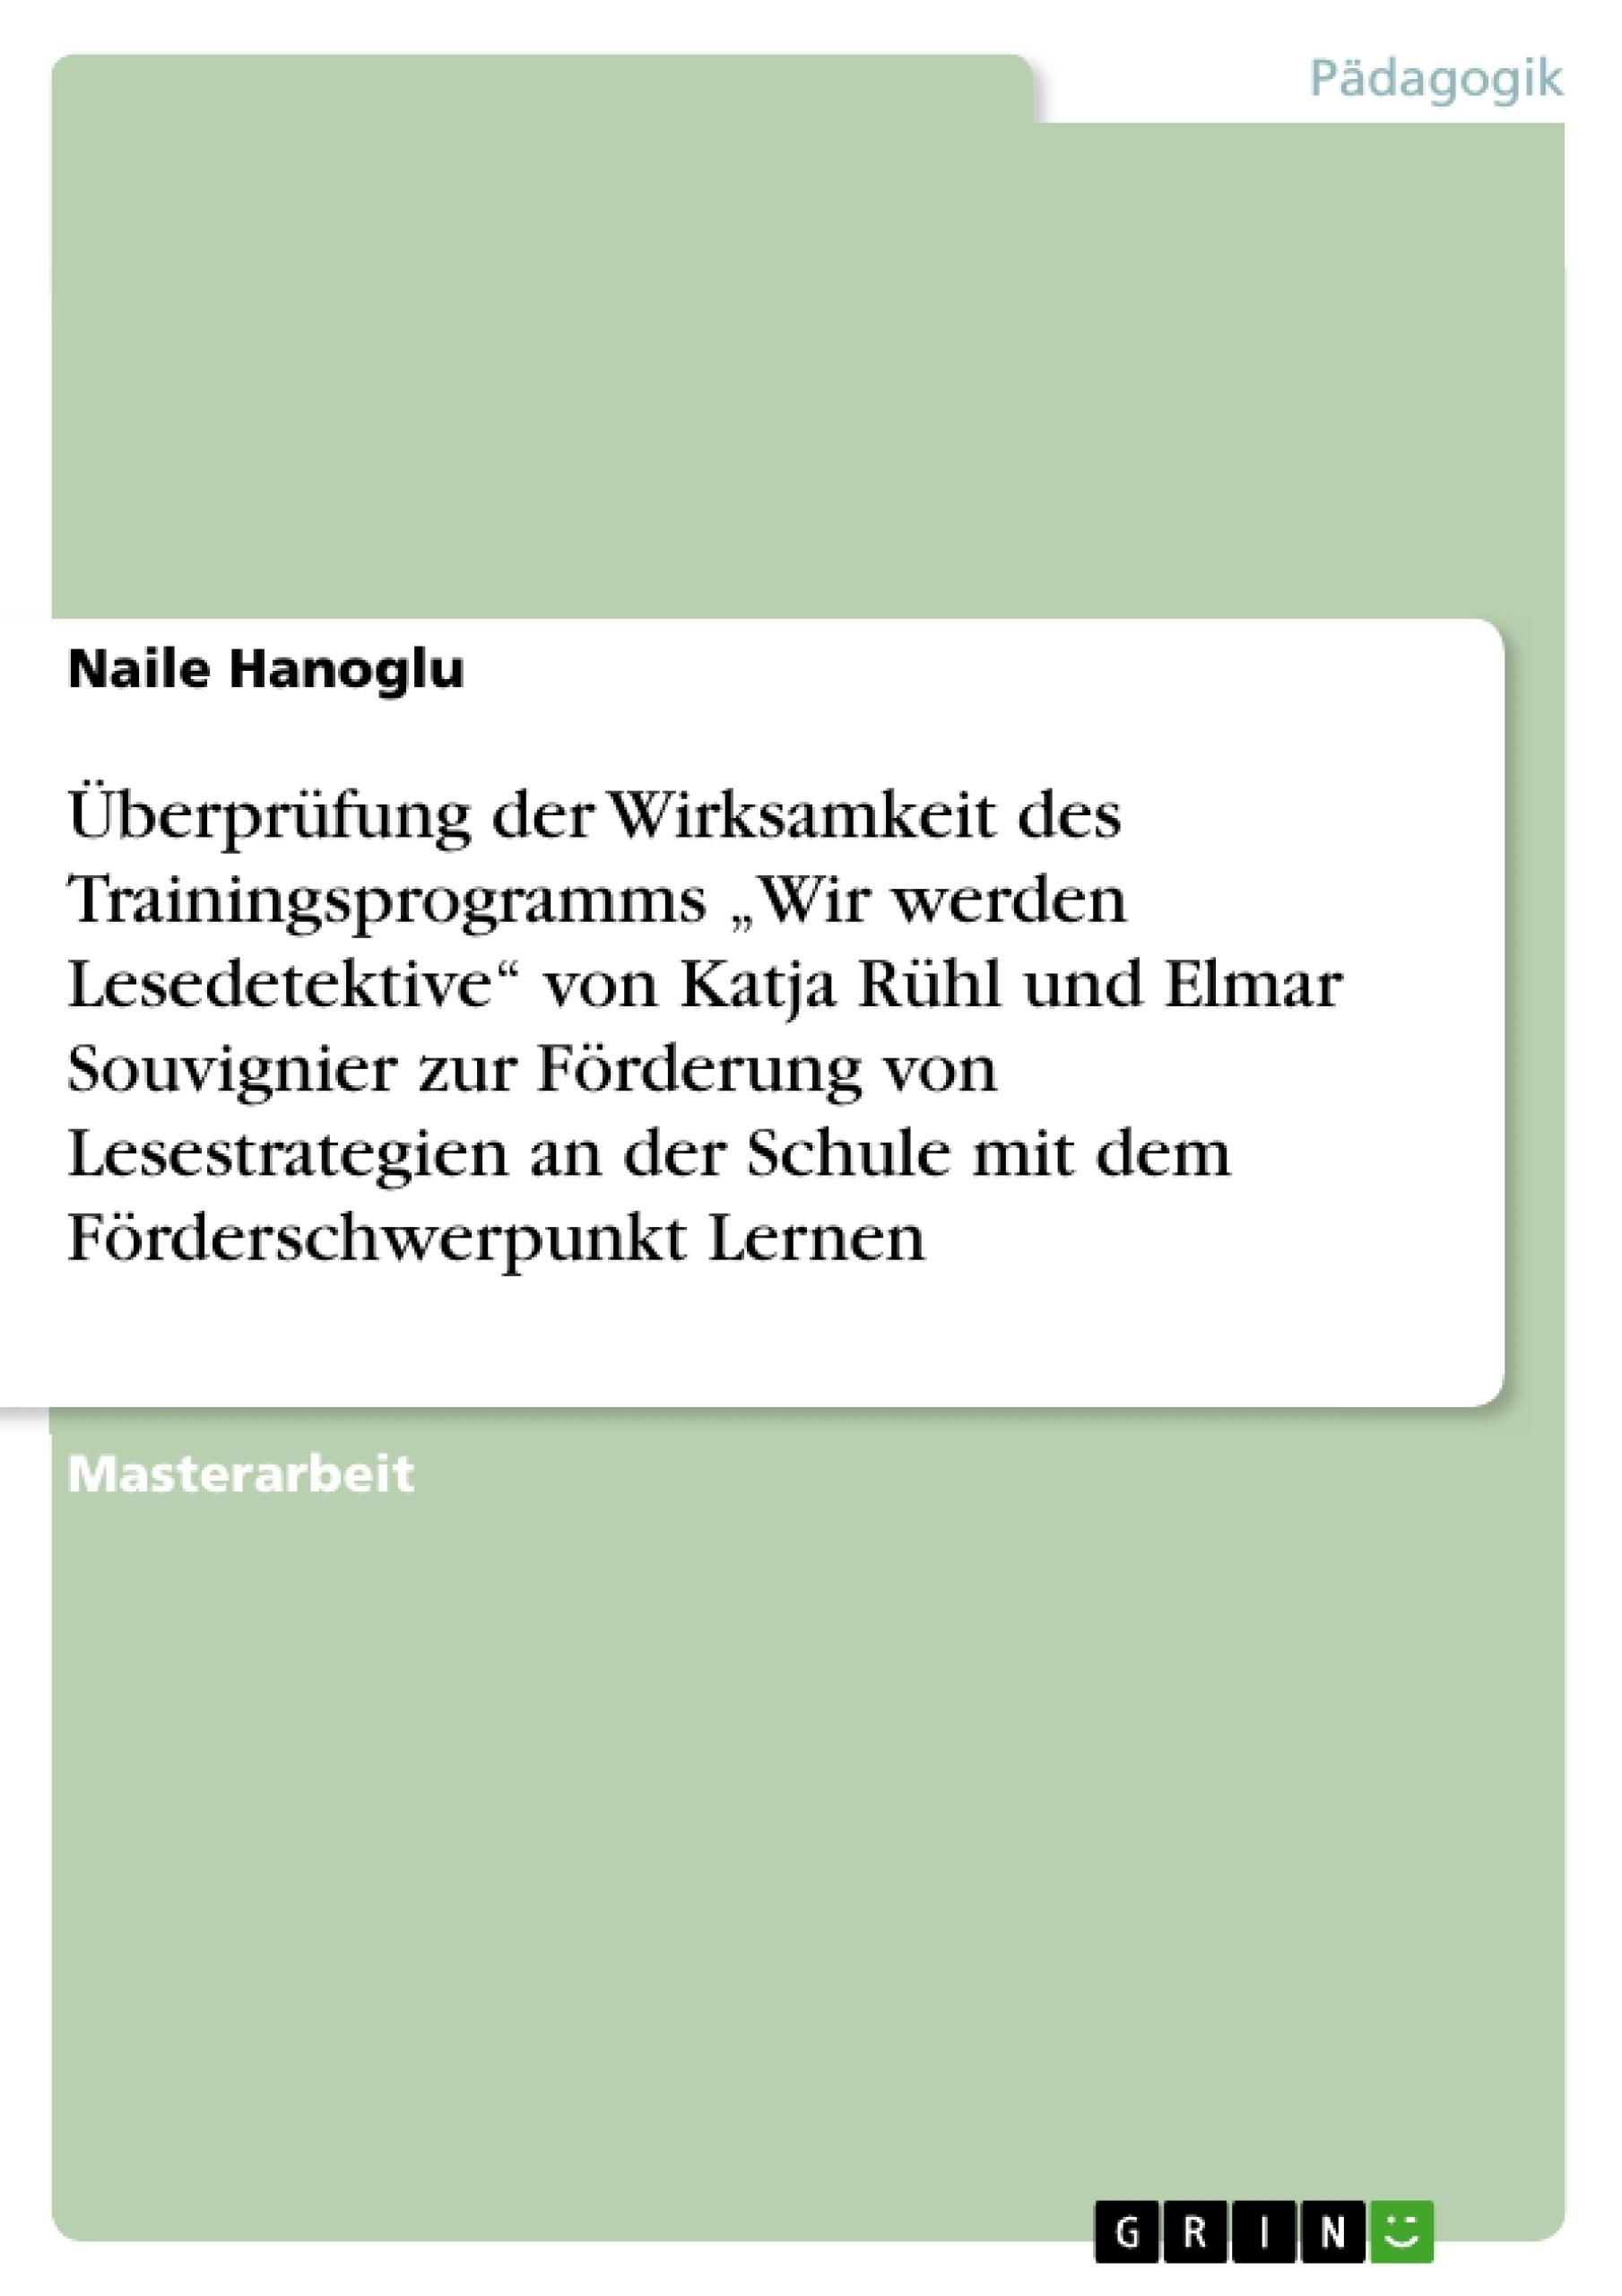 """Titel: Überprüfung der Wirksamkeit des Trainingsprogramms """"Wir werden Lesedetektive"""" von Katja Rühl und Elmar Souvignier zur Förderung von Lesestrategien an der Schule mit dem Förderschwerpunkt Lernen"""